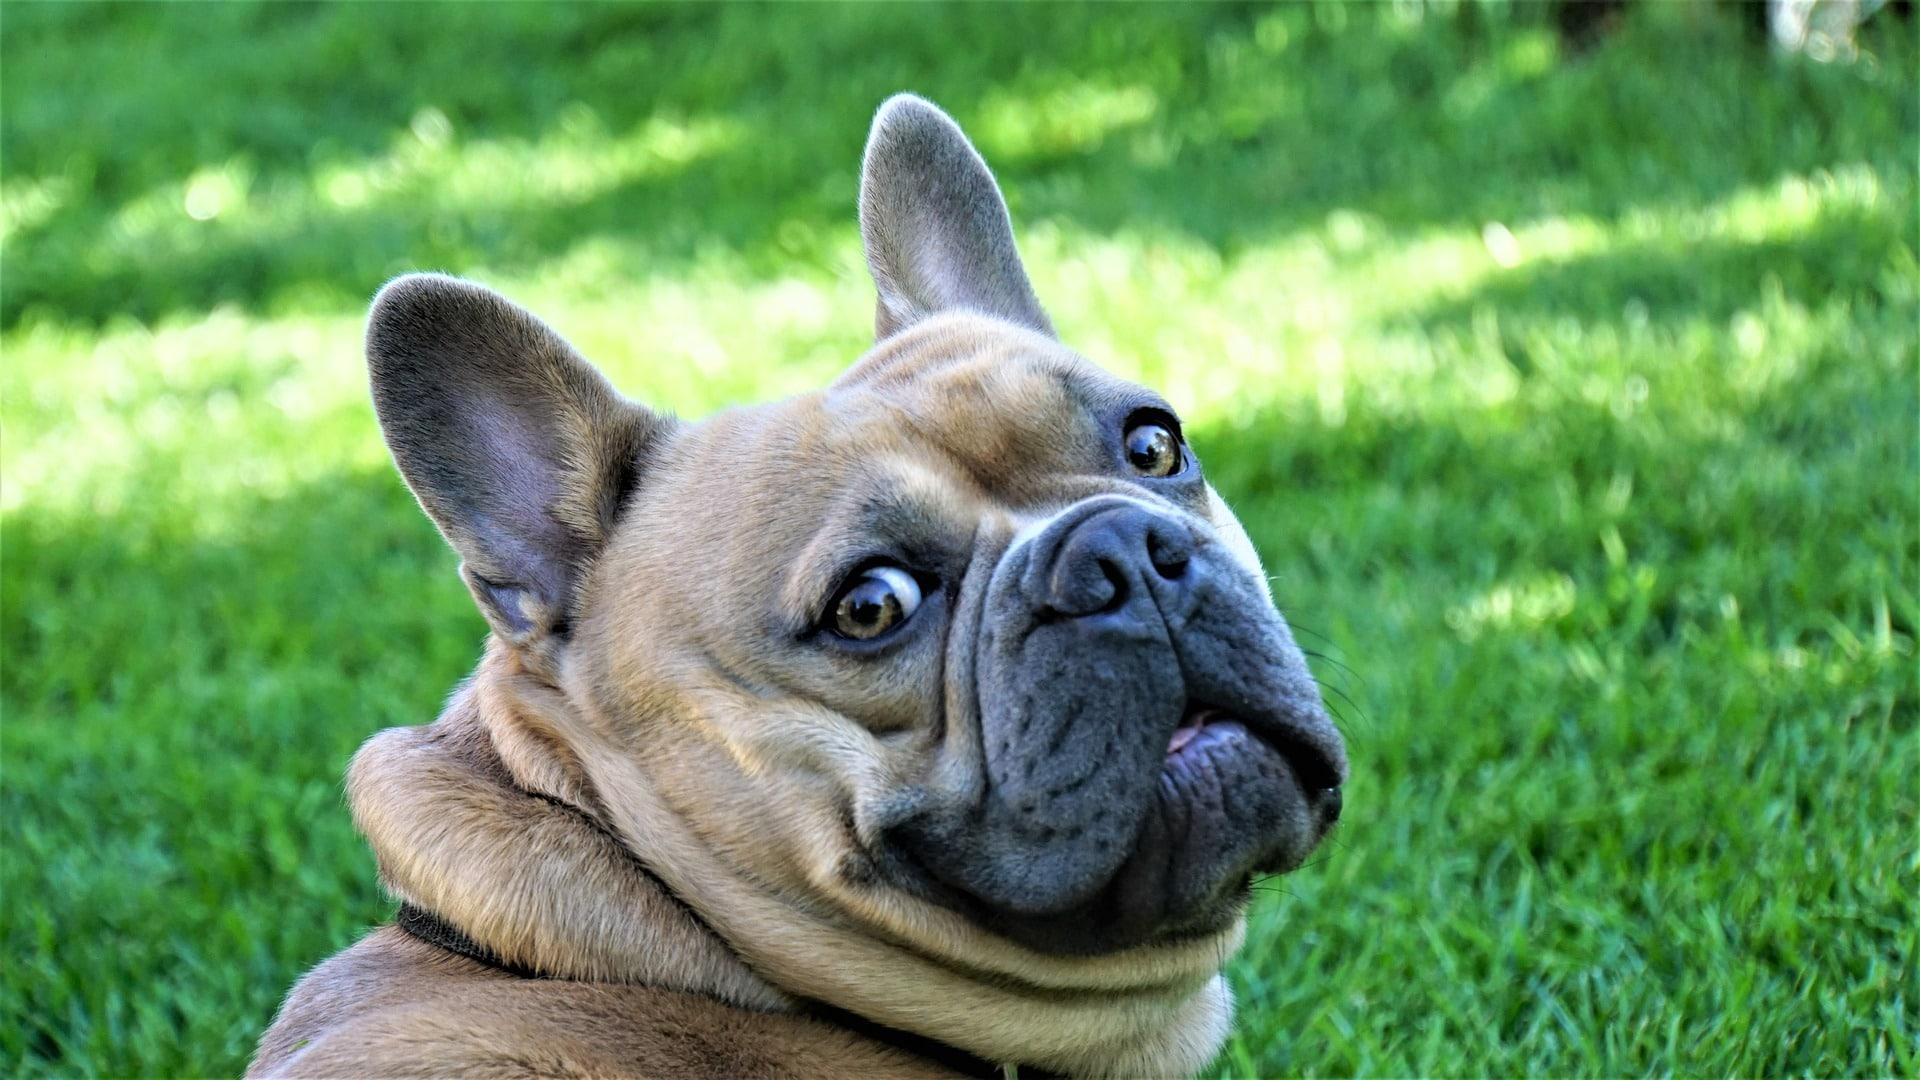 La cera negra en perros es causada por infección o ácaros